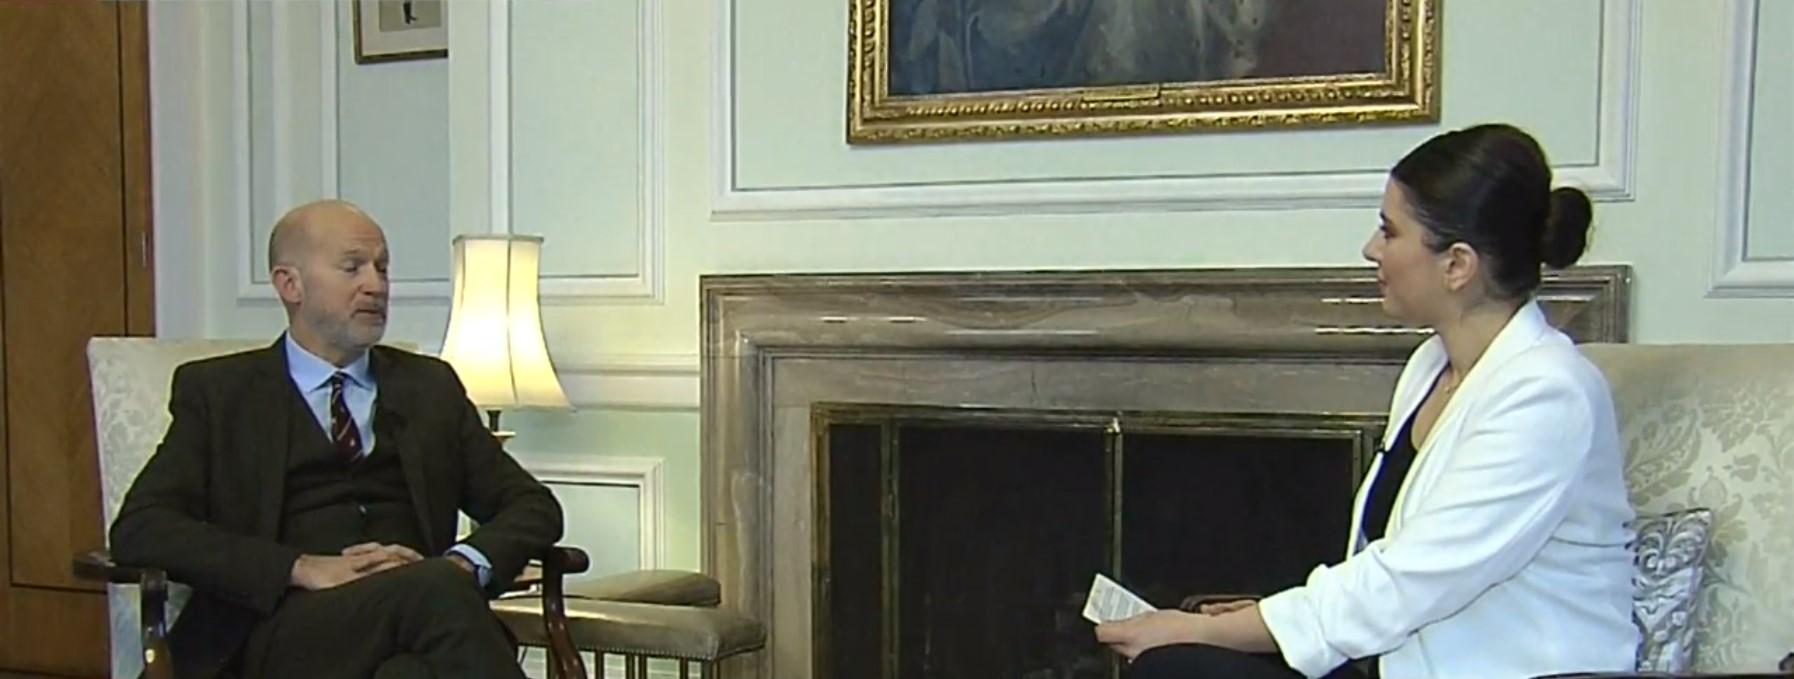 Birleşik Krallık Büyükelçisi Chilcott gündeme dair soruları cevapladı